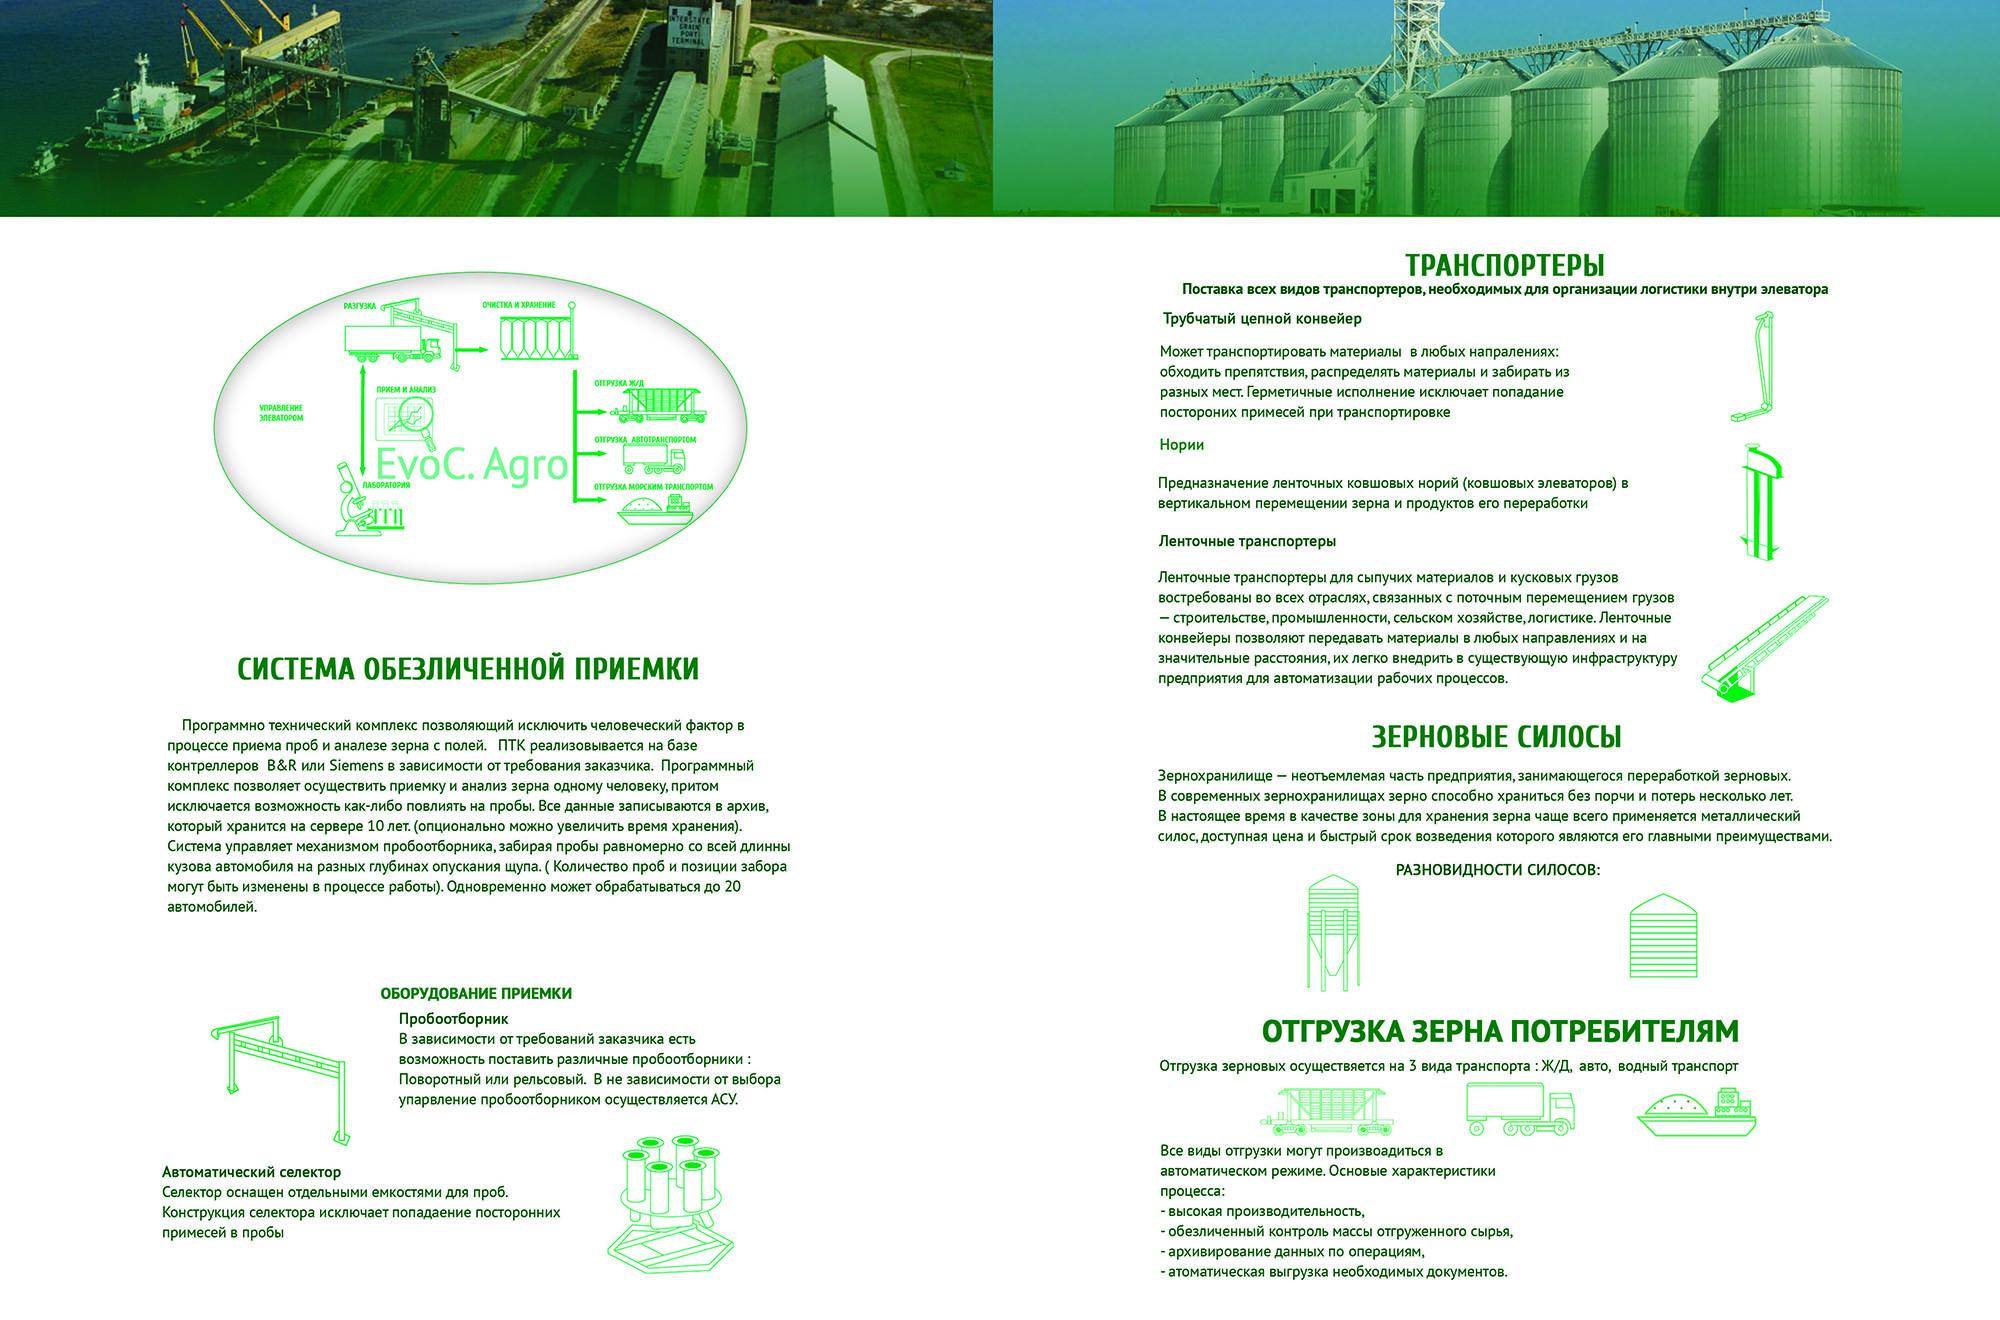 Буклет агрокомпании (разворот)